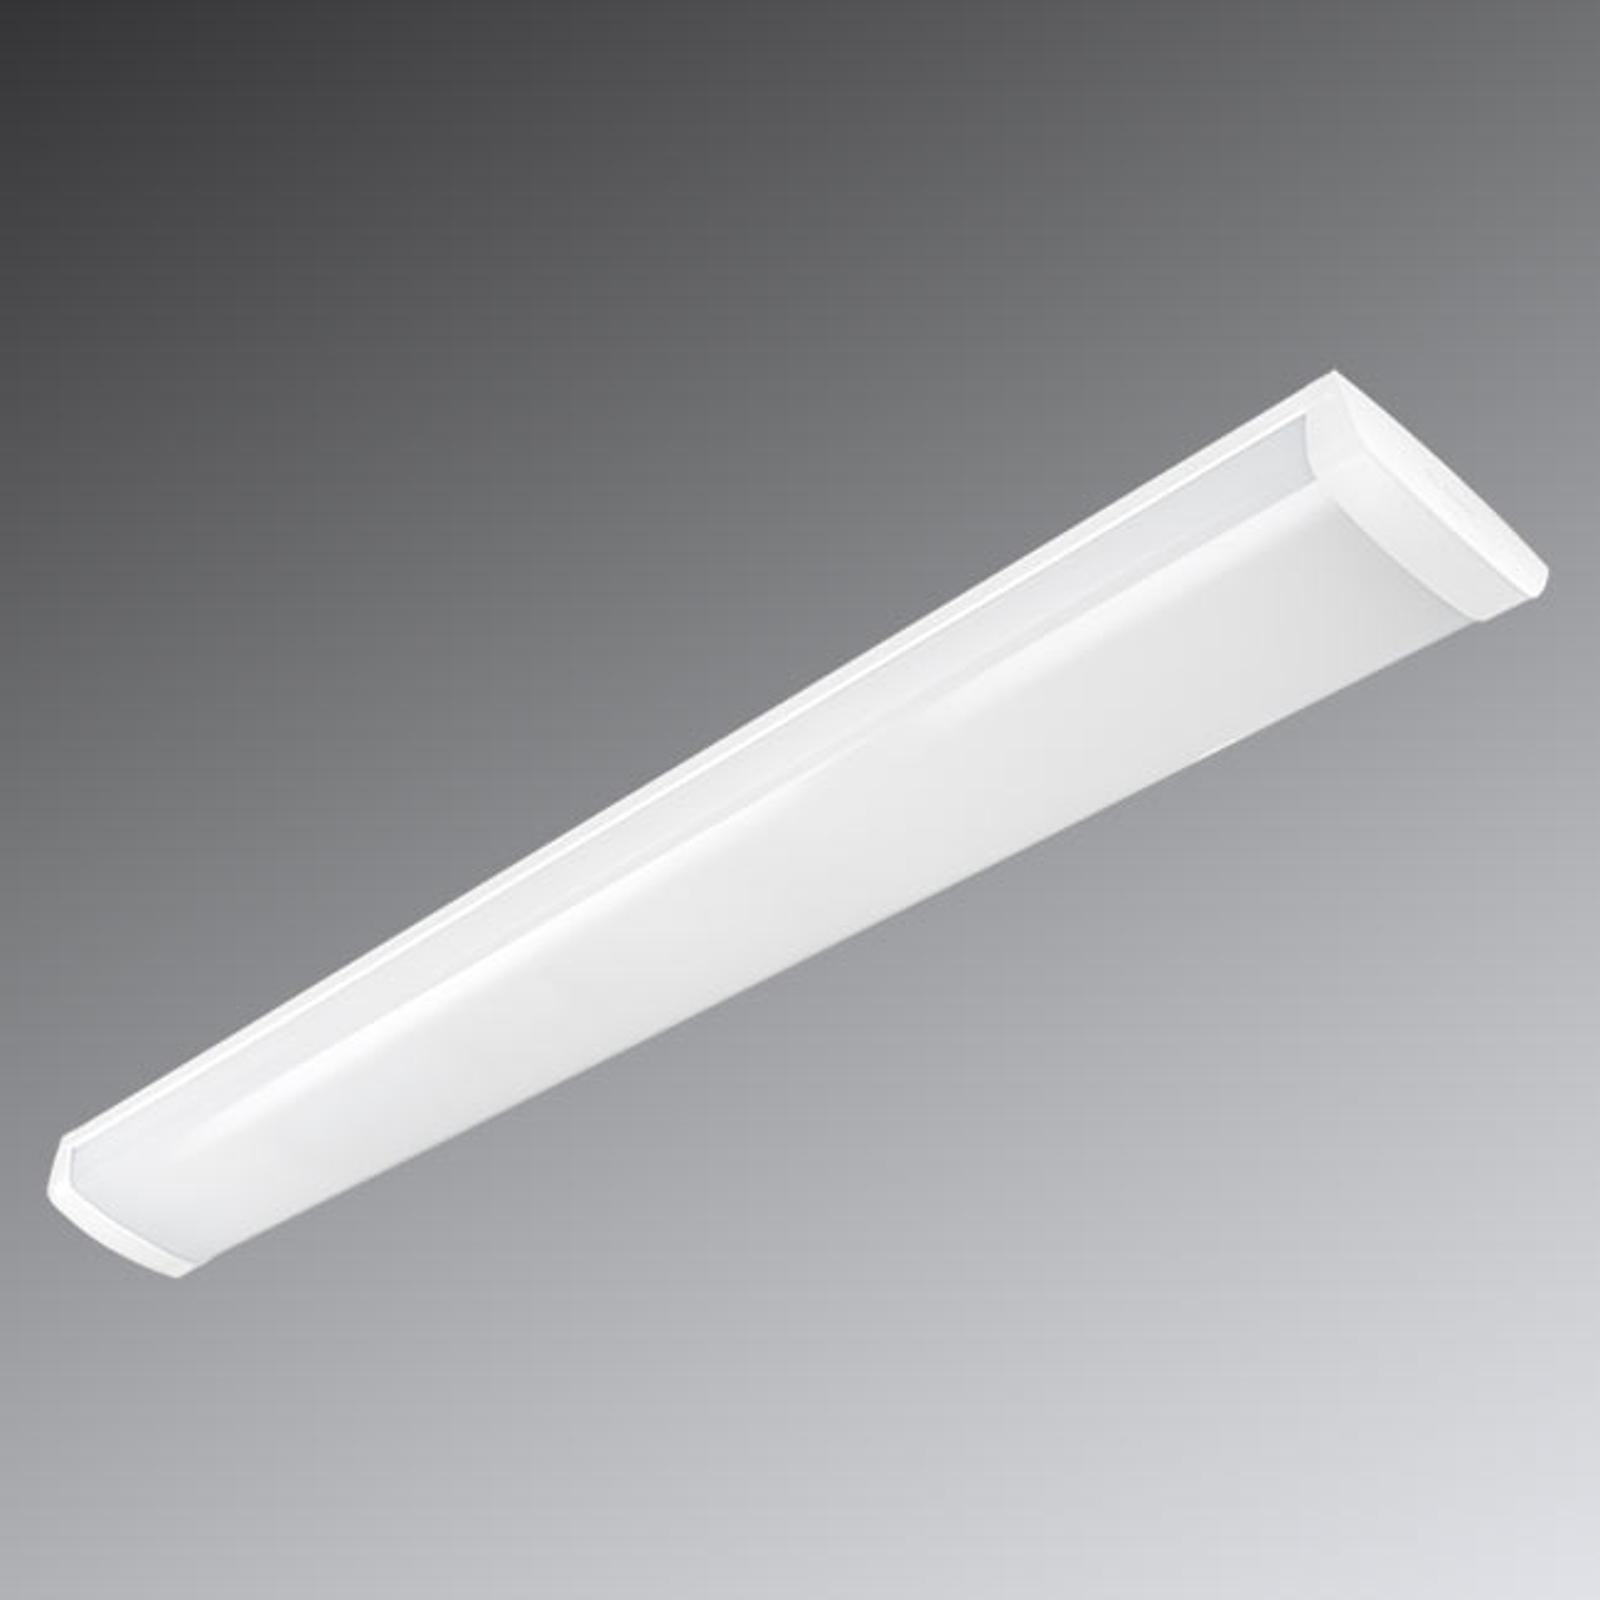 Lange LED plafondlamp i60-1500 6000 HF 4.000K